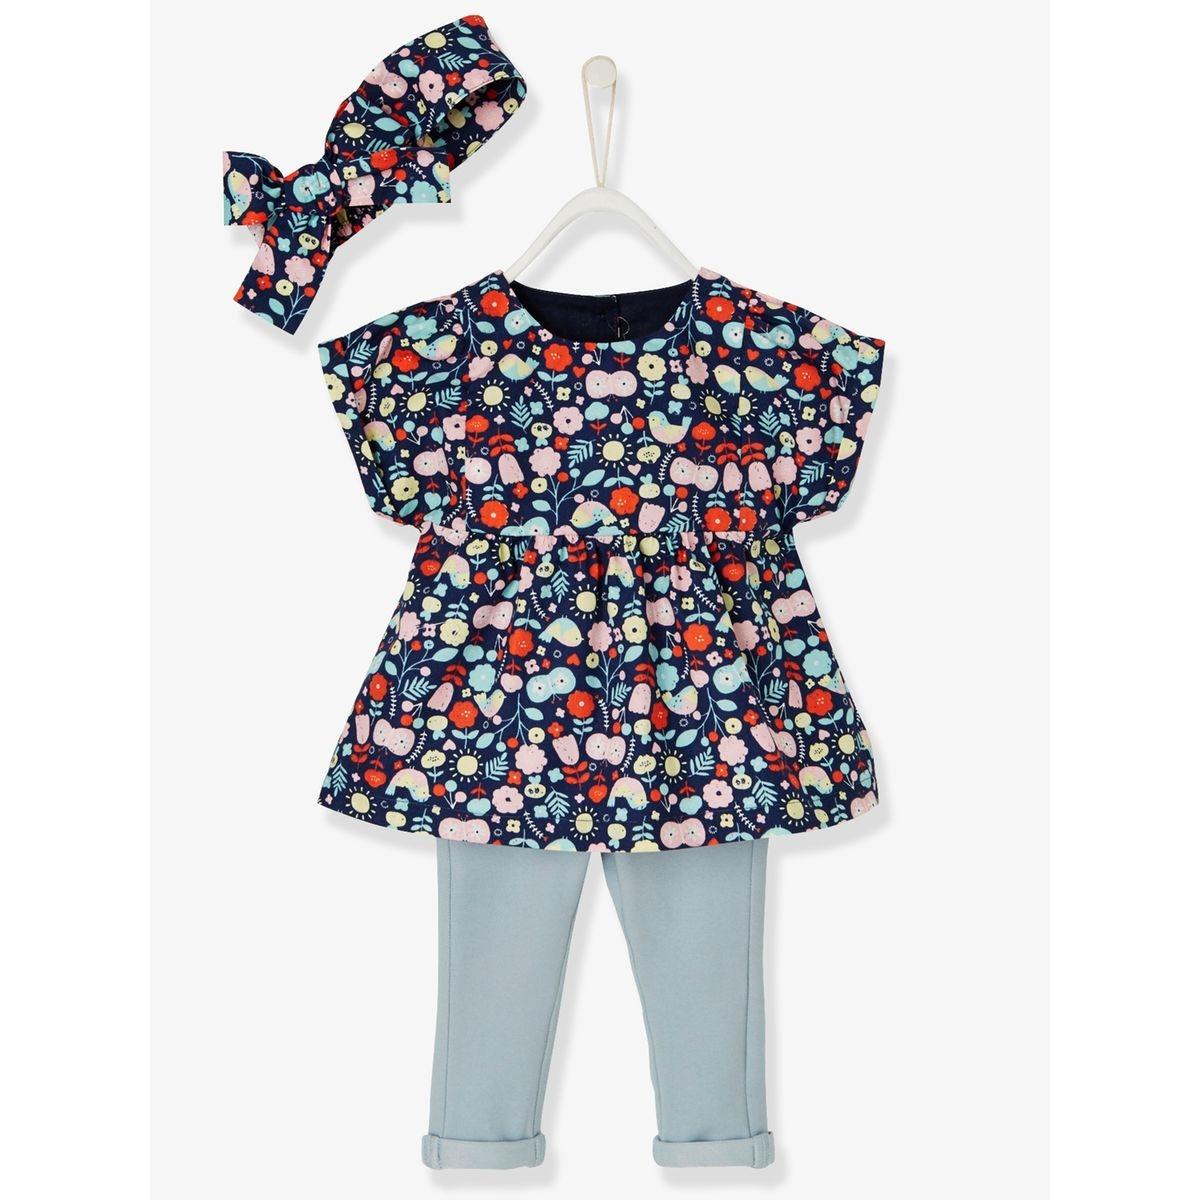 21. Ensemble fleurs bébé fille blouse, bandeau et tregging 6 mois 5ad8bfe6c07